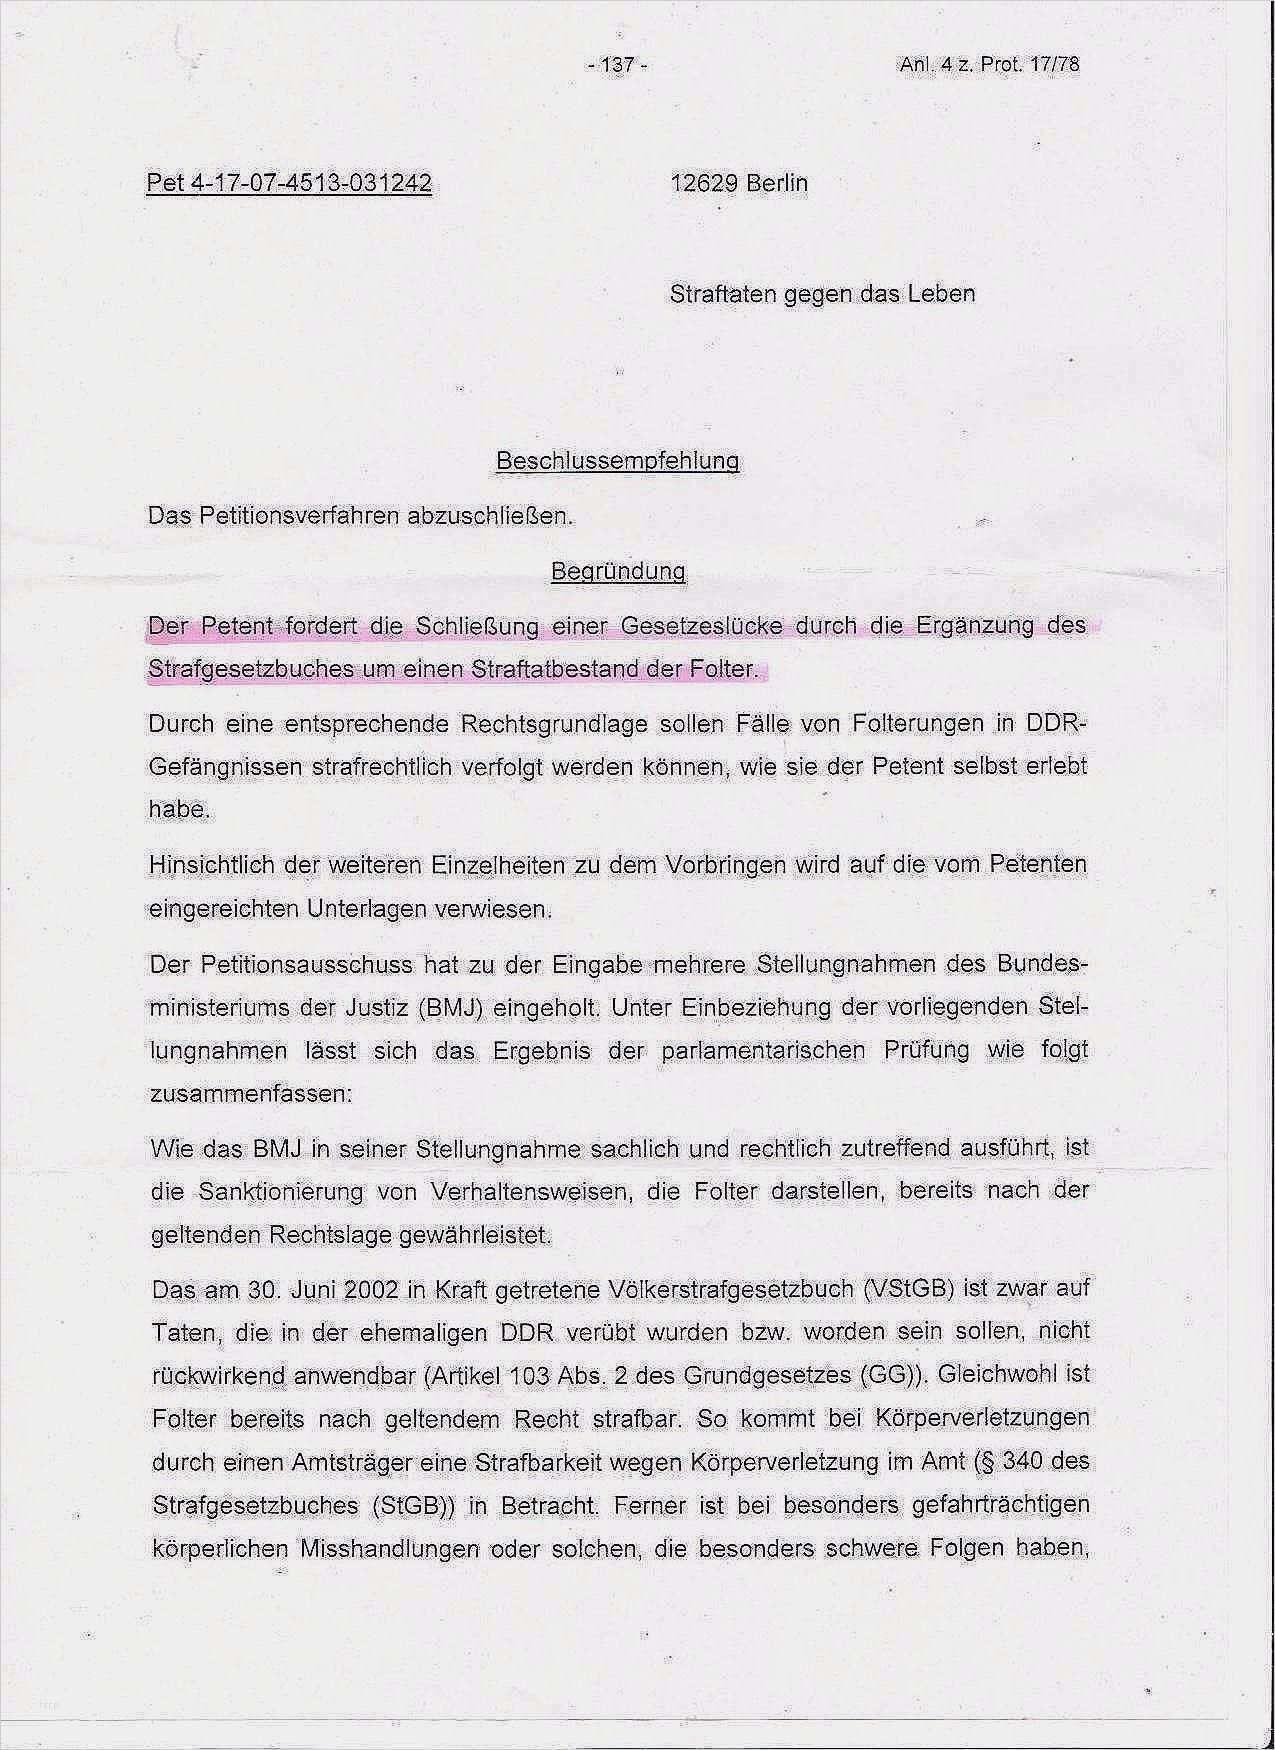 20 Schon Aktennotiz Personalakte Vorlage Modelle In 2020 Briefkopf Vorlage Vorlagen Ordner Etiketten Vorlage